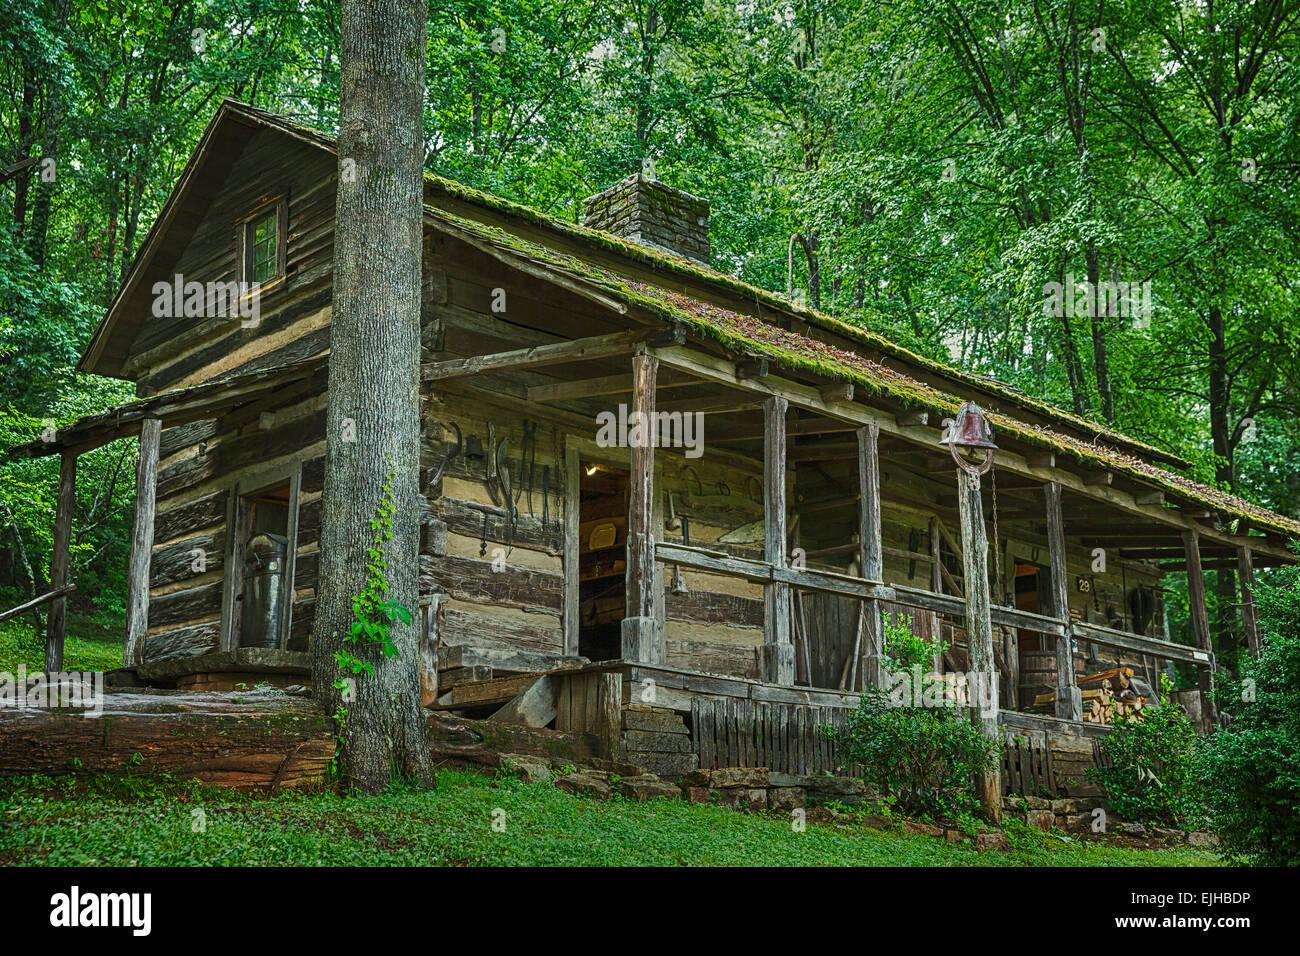 Museum of Appalachia - Stock Image